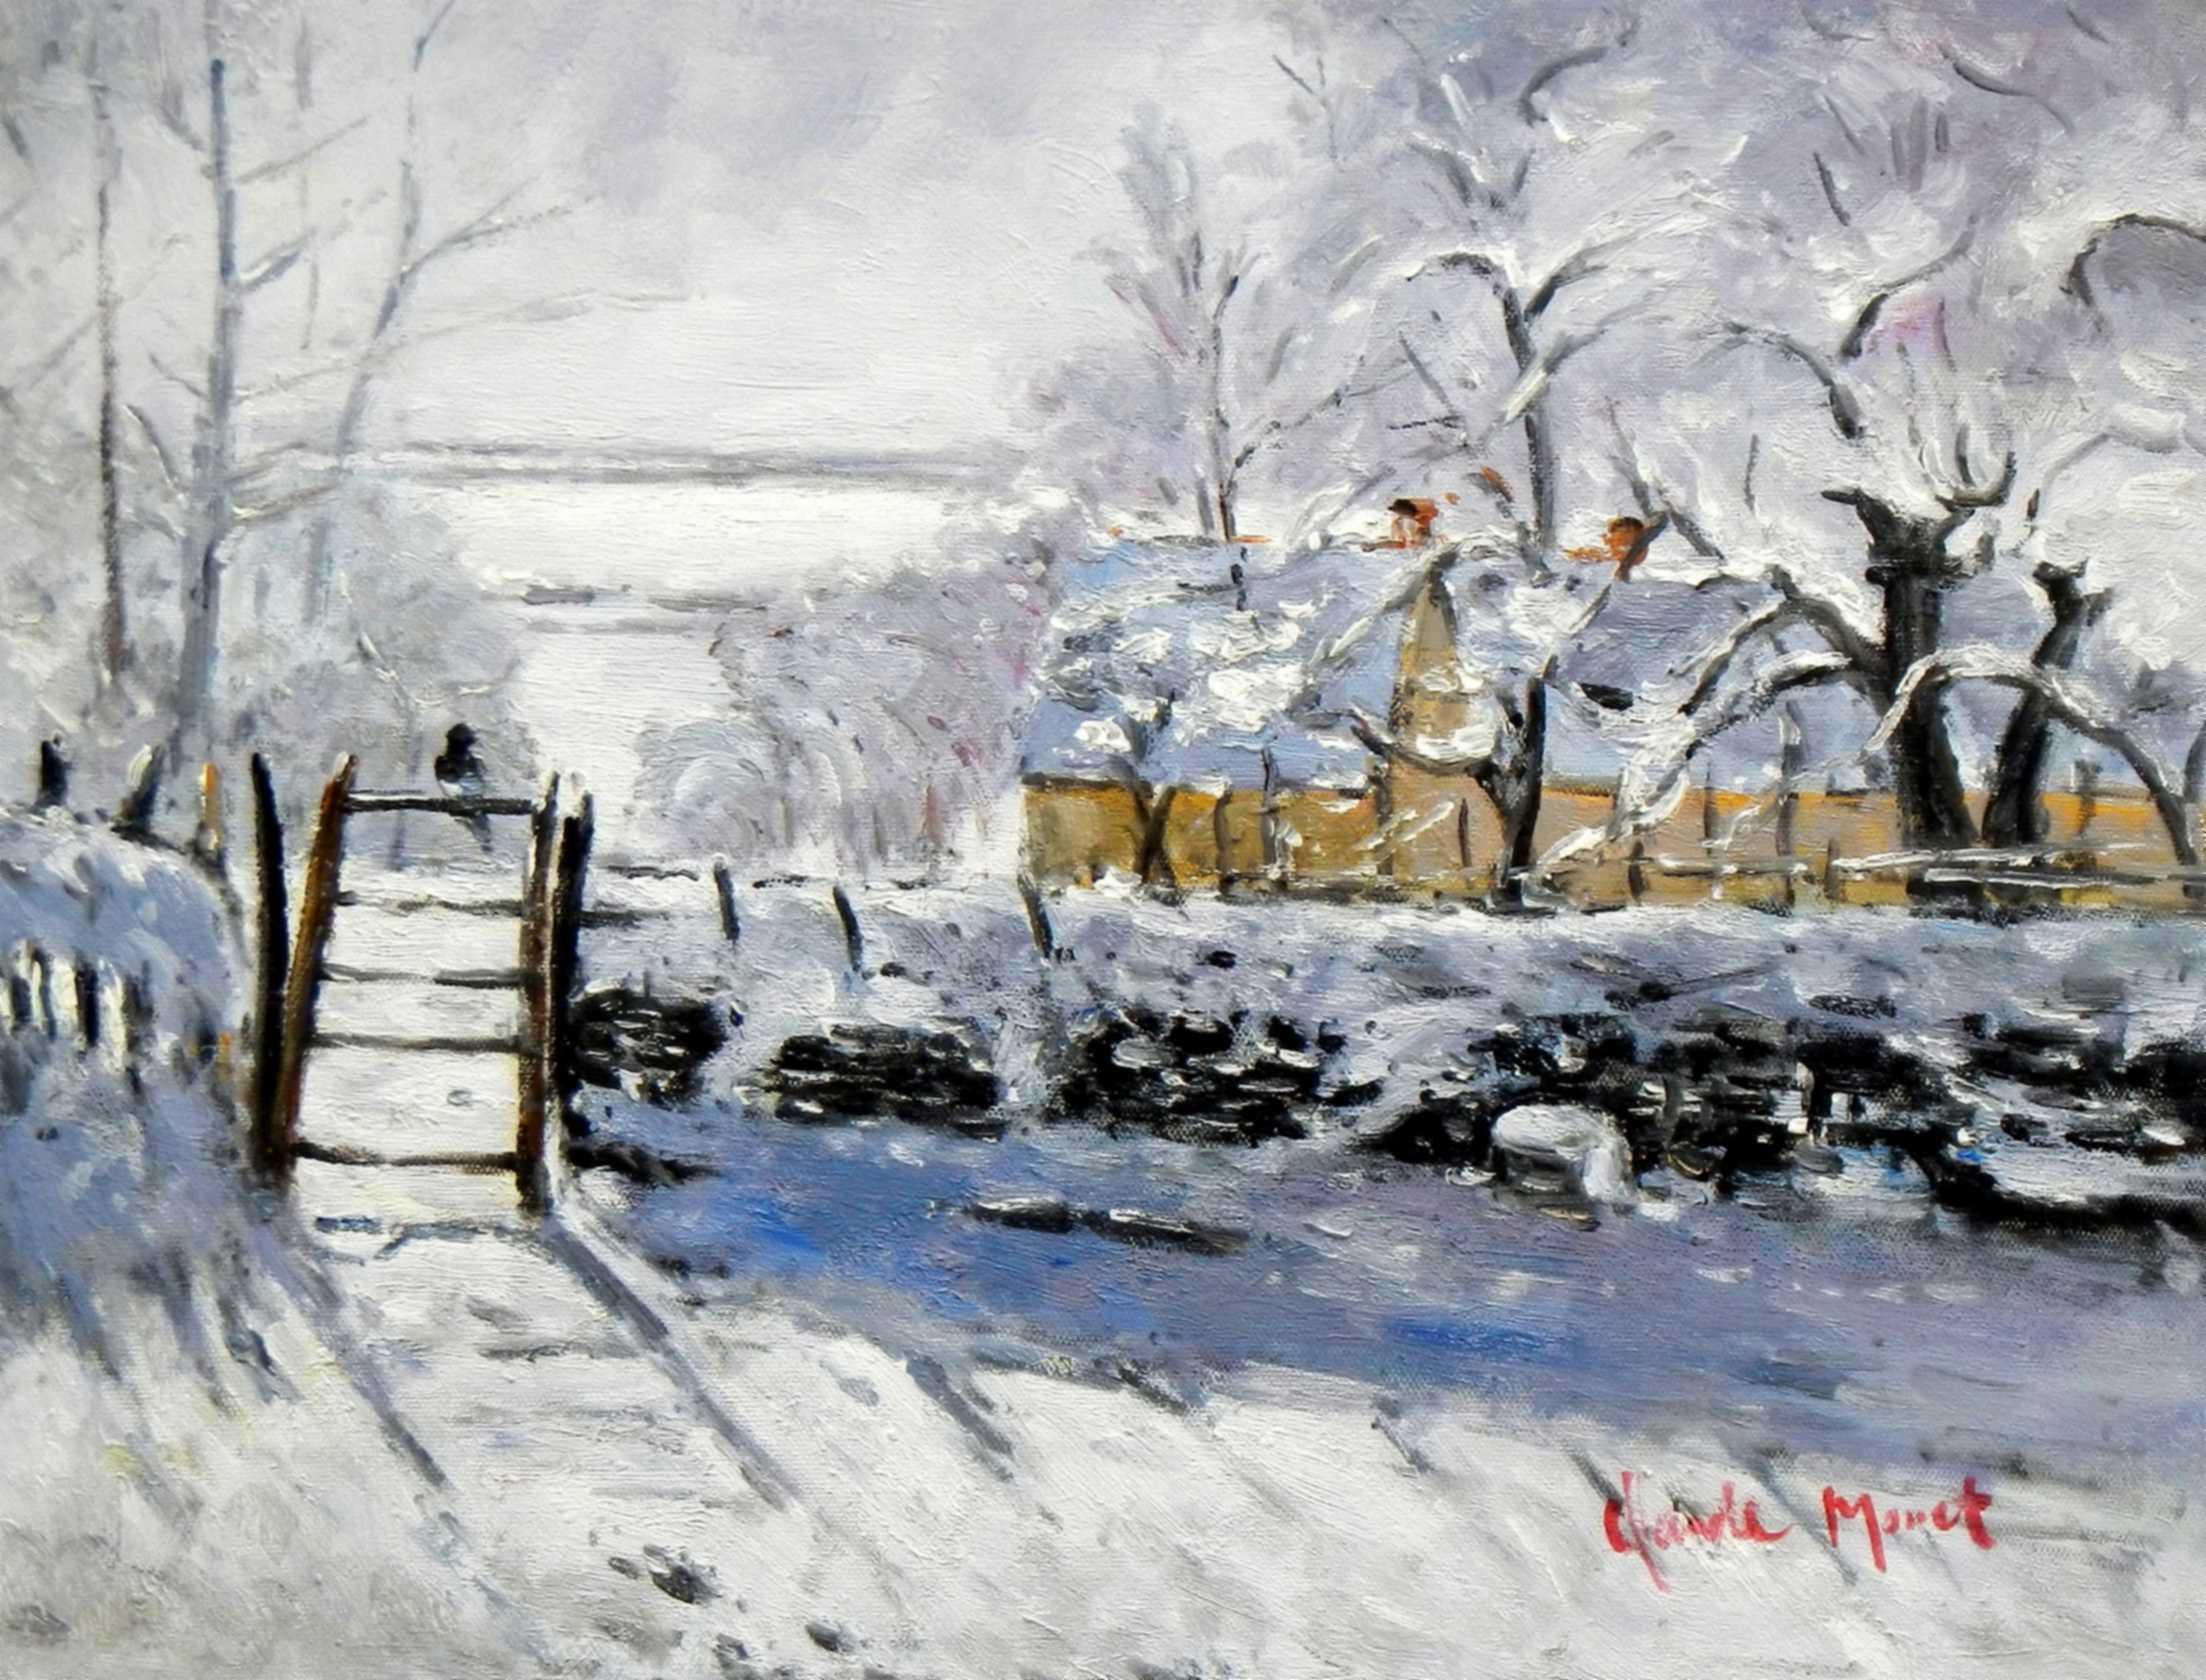 Claude Monet - Die Elster a95730 G 30x40cm handgemaltes Ölgemälde